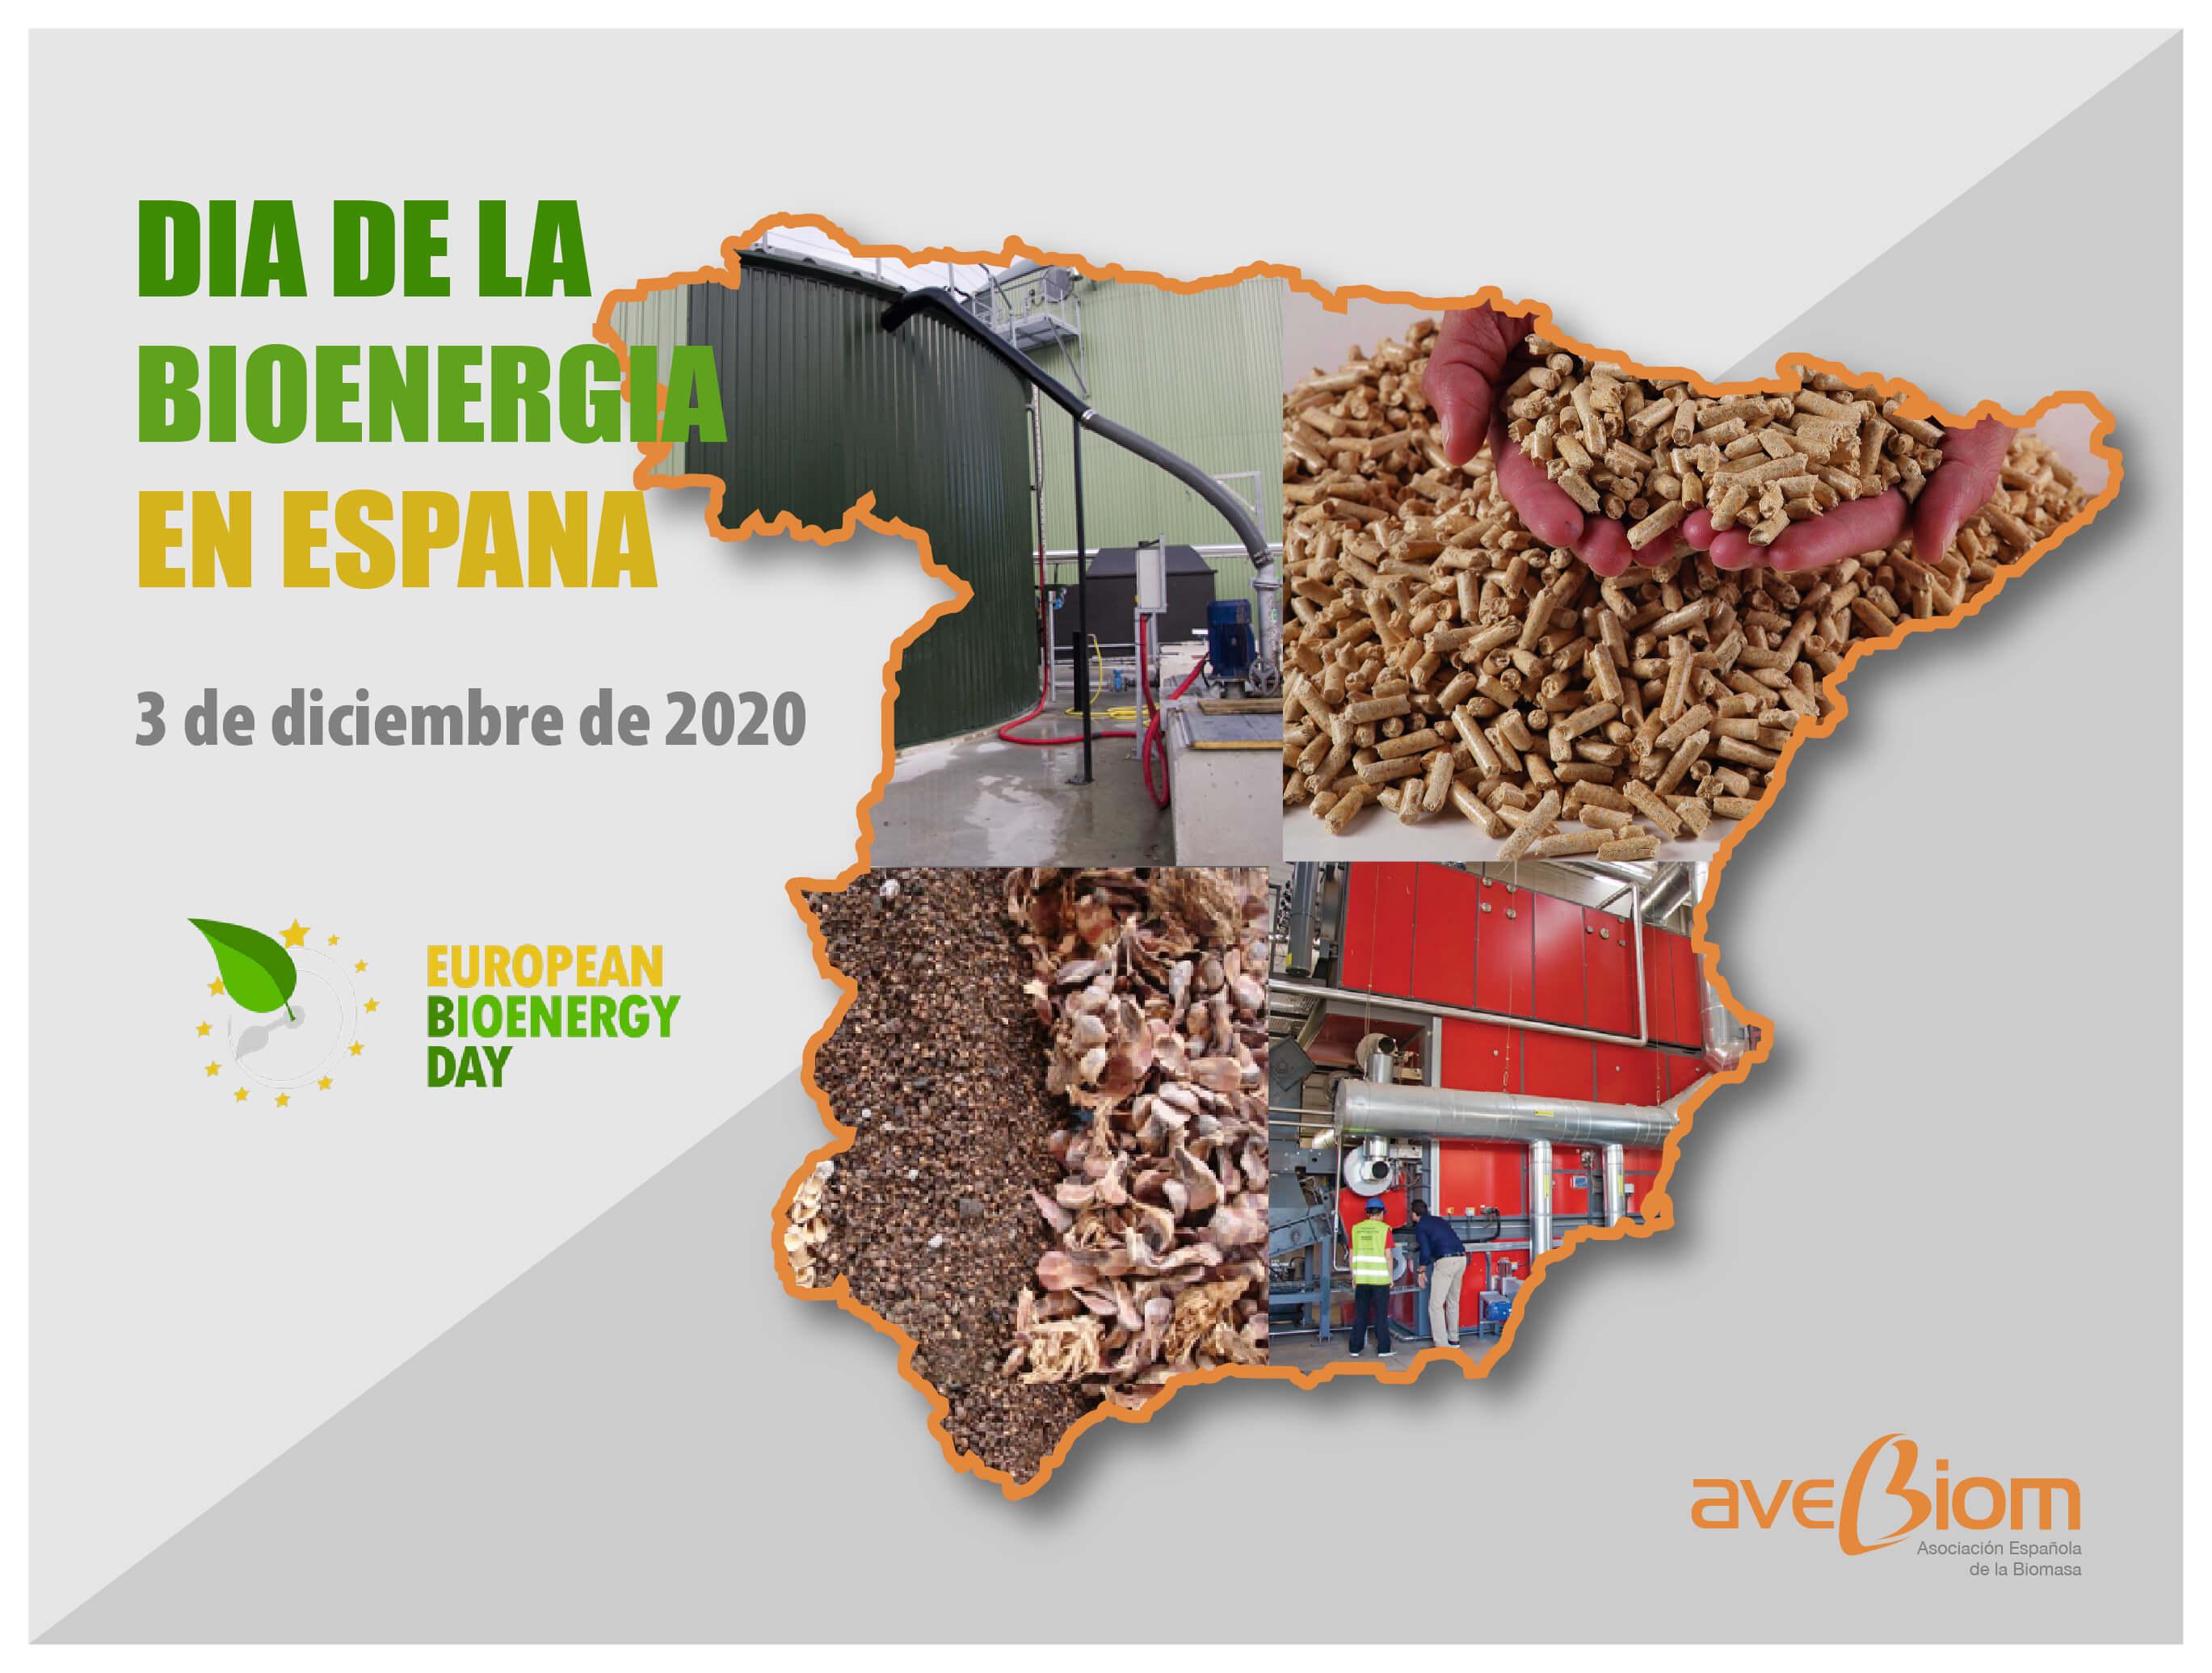 Journée de la bioénergie en Espagne